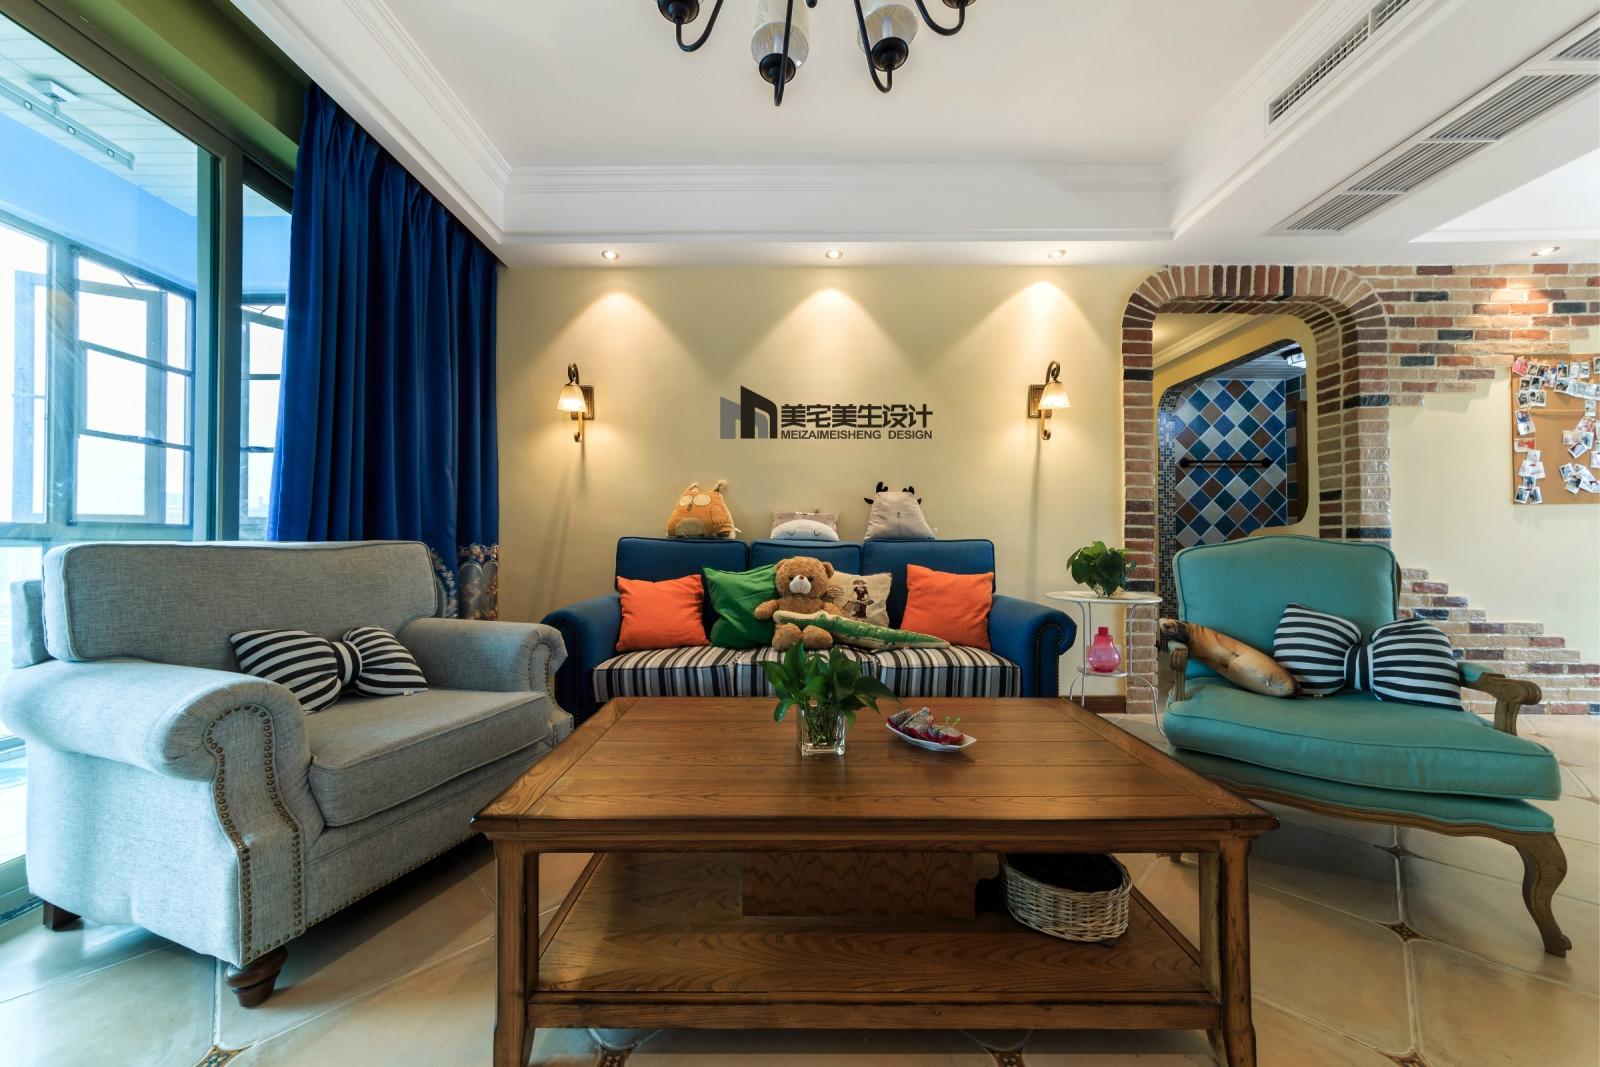 130㎡美式田园风沙发背景墙装修效果图